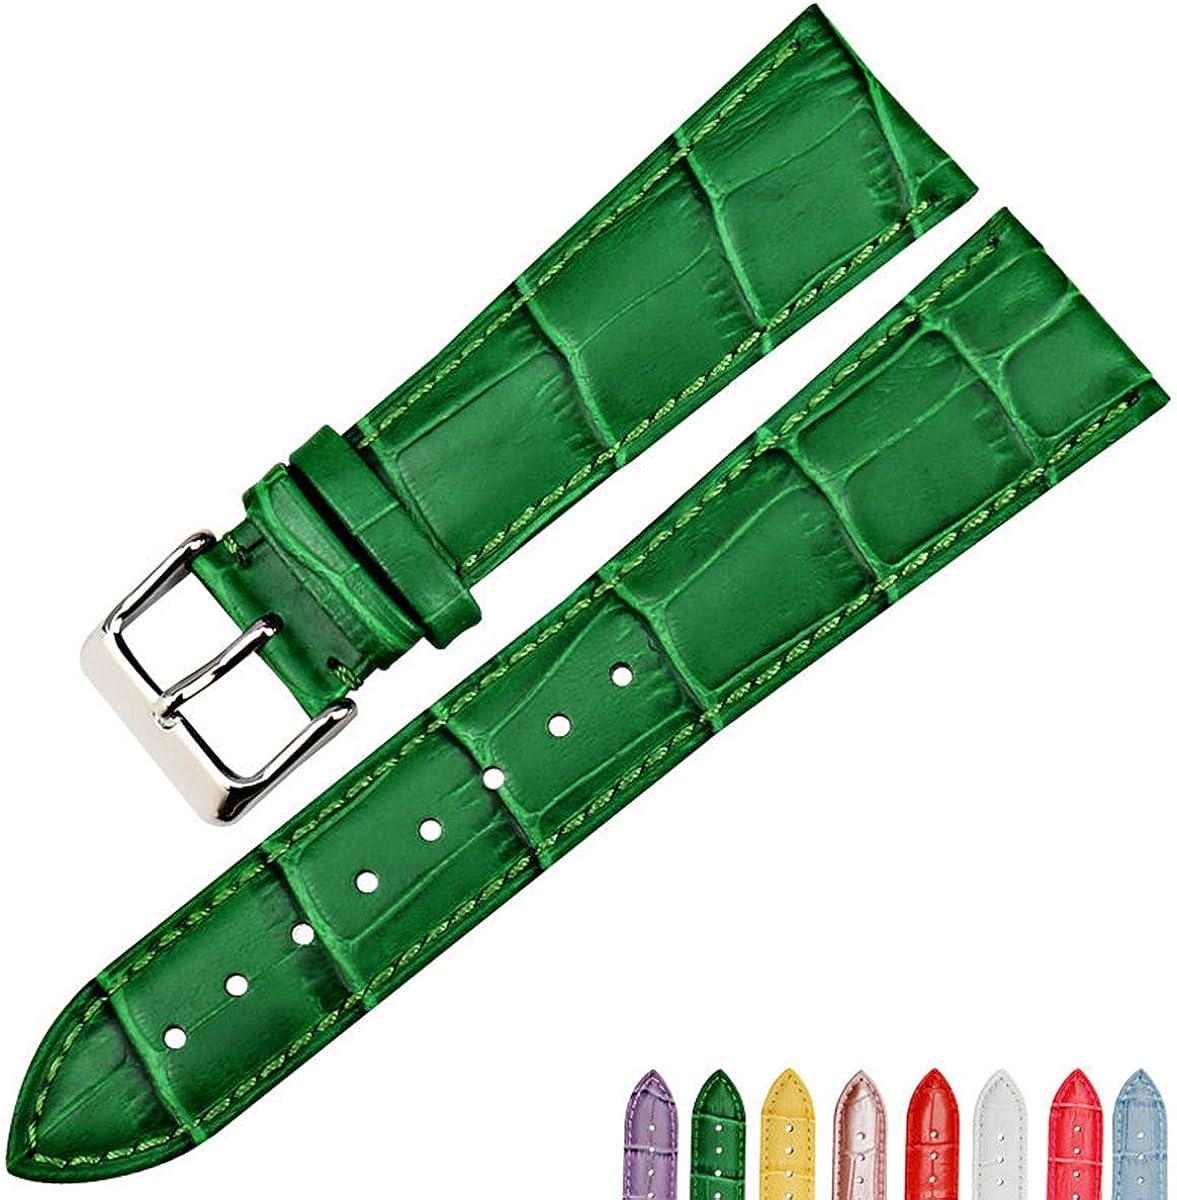 Accessoires de Montre 16mm-22mm Boucle ardillon du Bracelet Montre en Cuir Bracelet Vert Femmes watchbands Blue